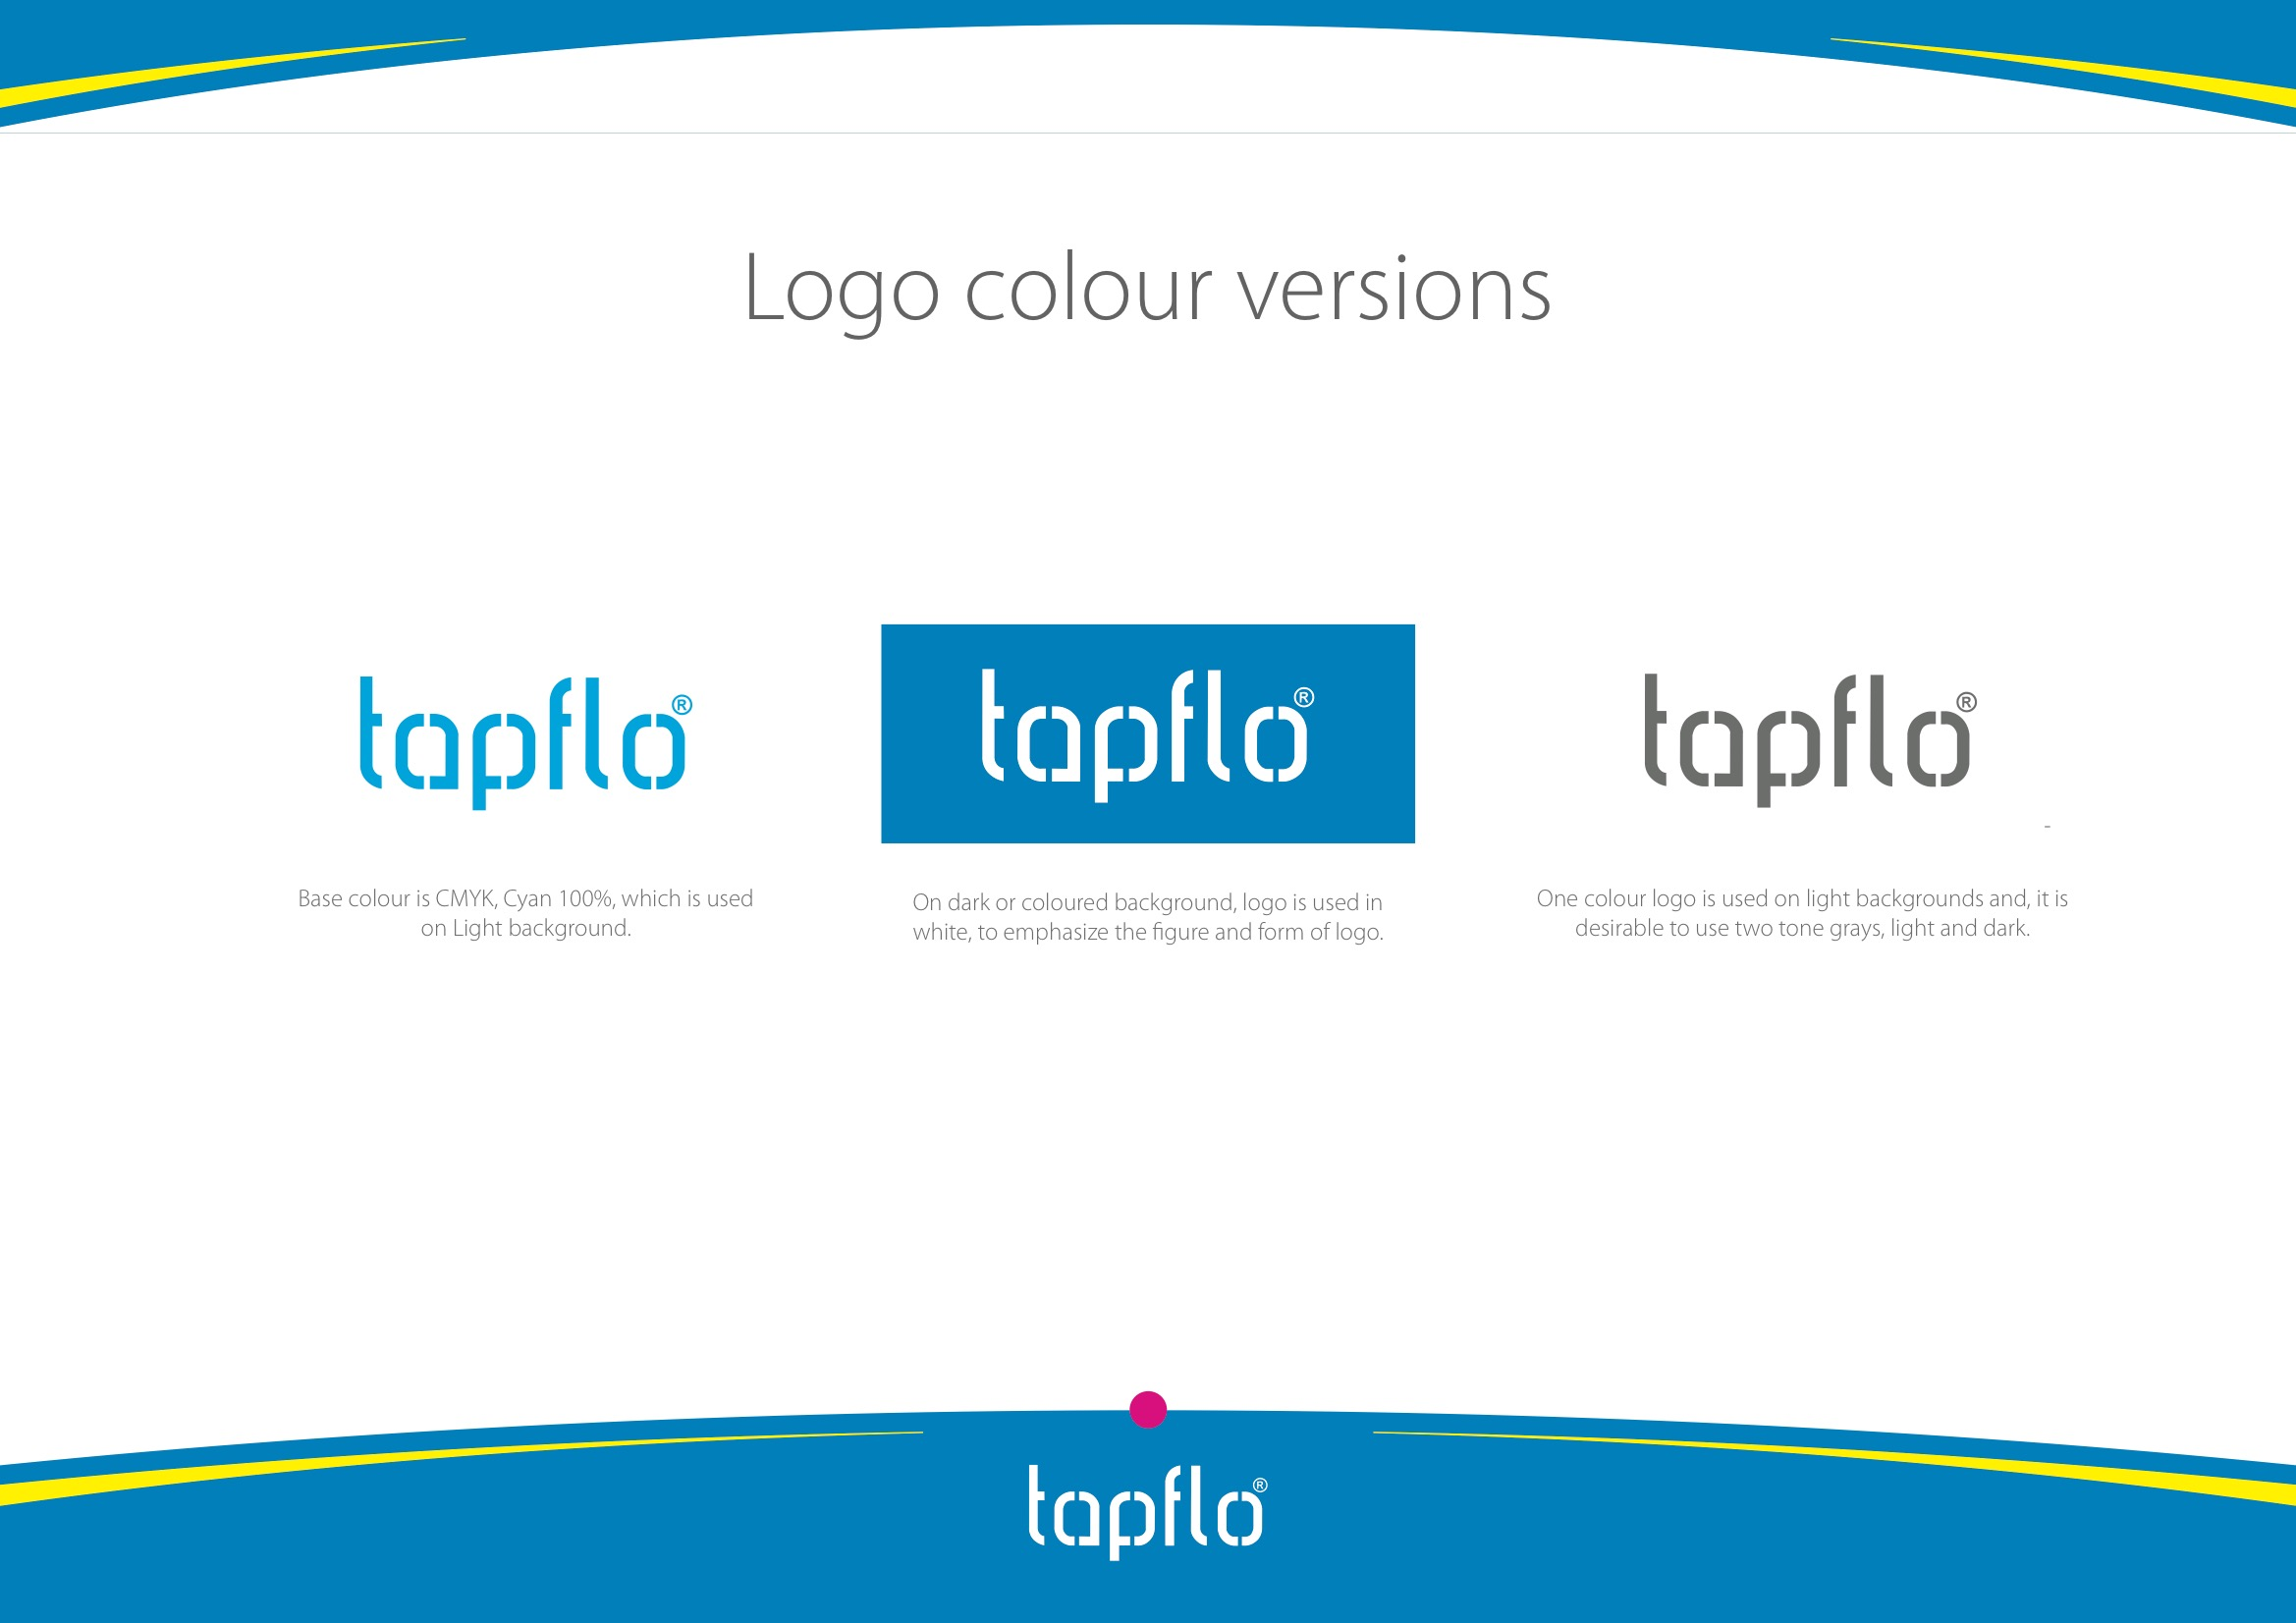 Tapflo_Style_23maijs 3